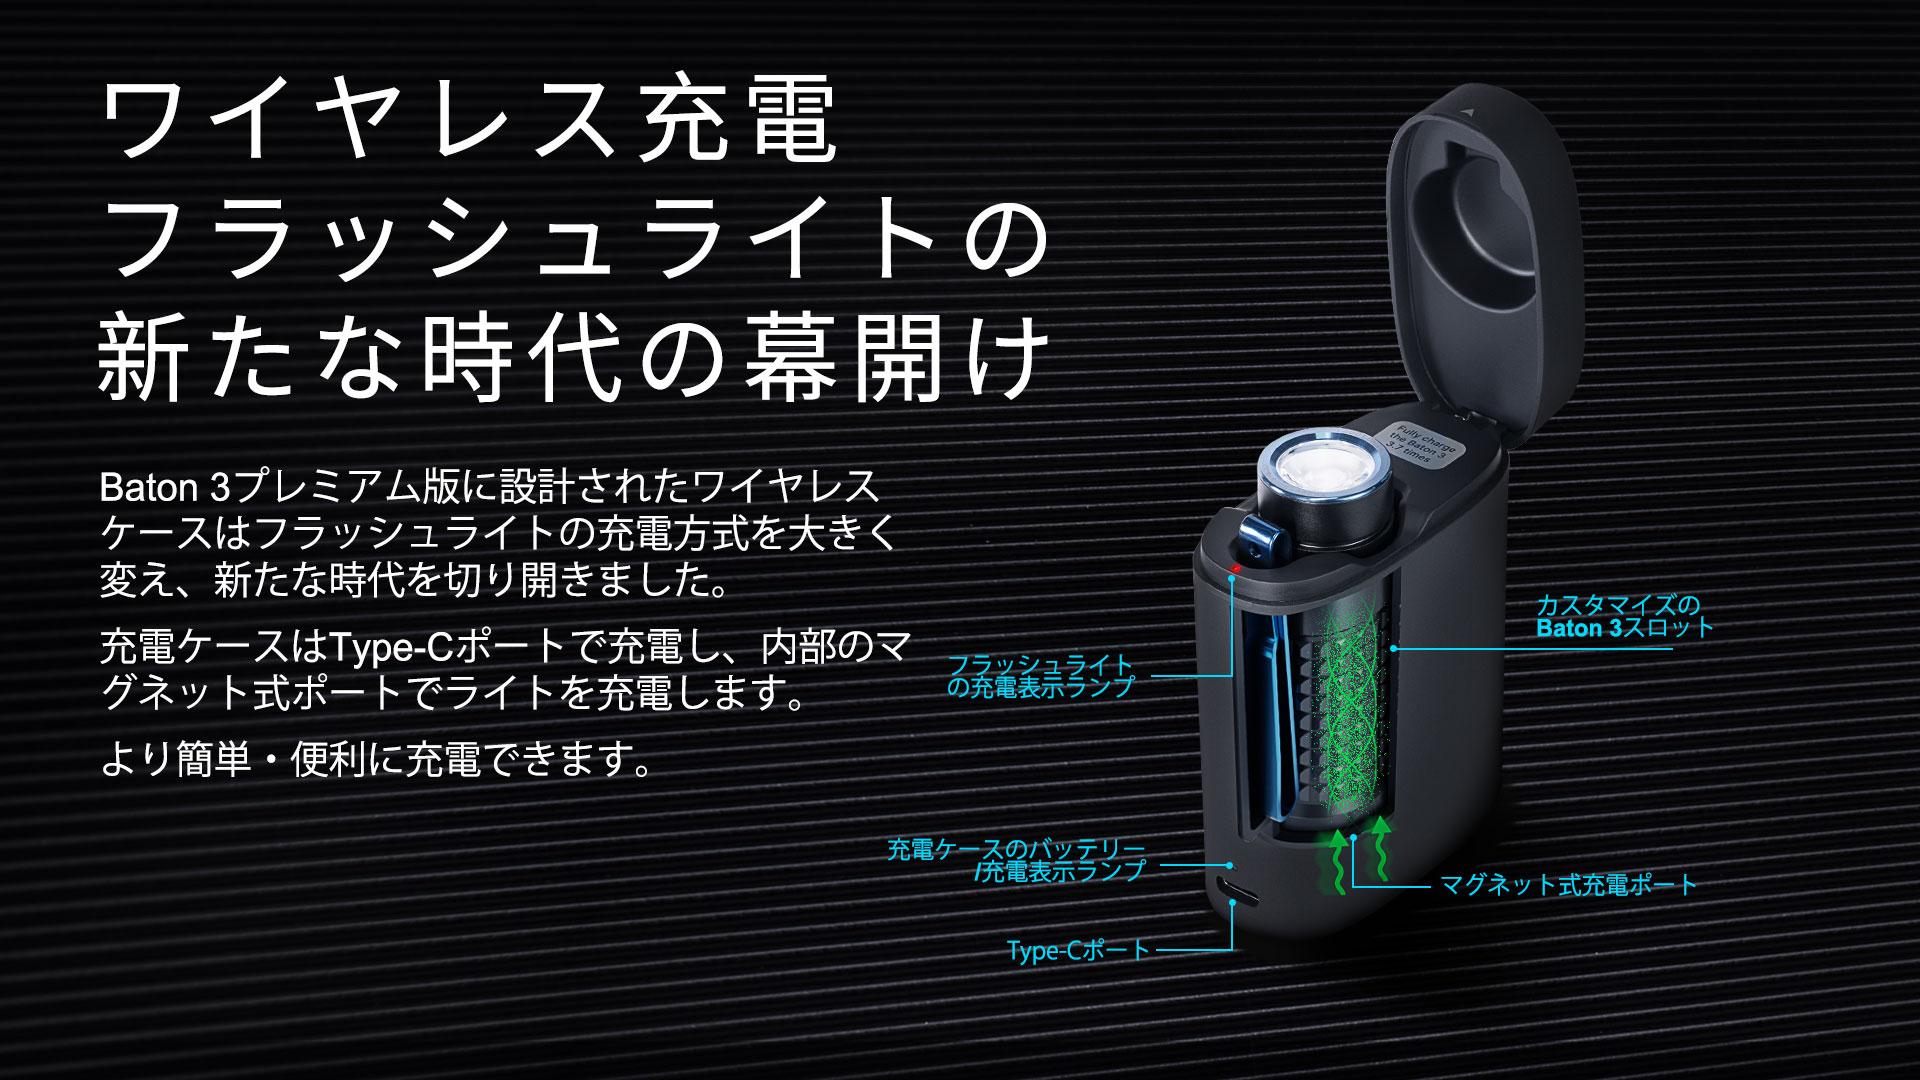 Type-Cワイヤレス充電コンパートメントをサポートし、モバイル電源の役割を果たします